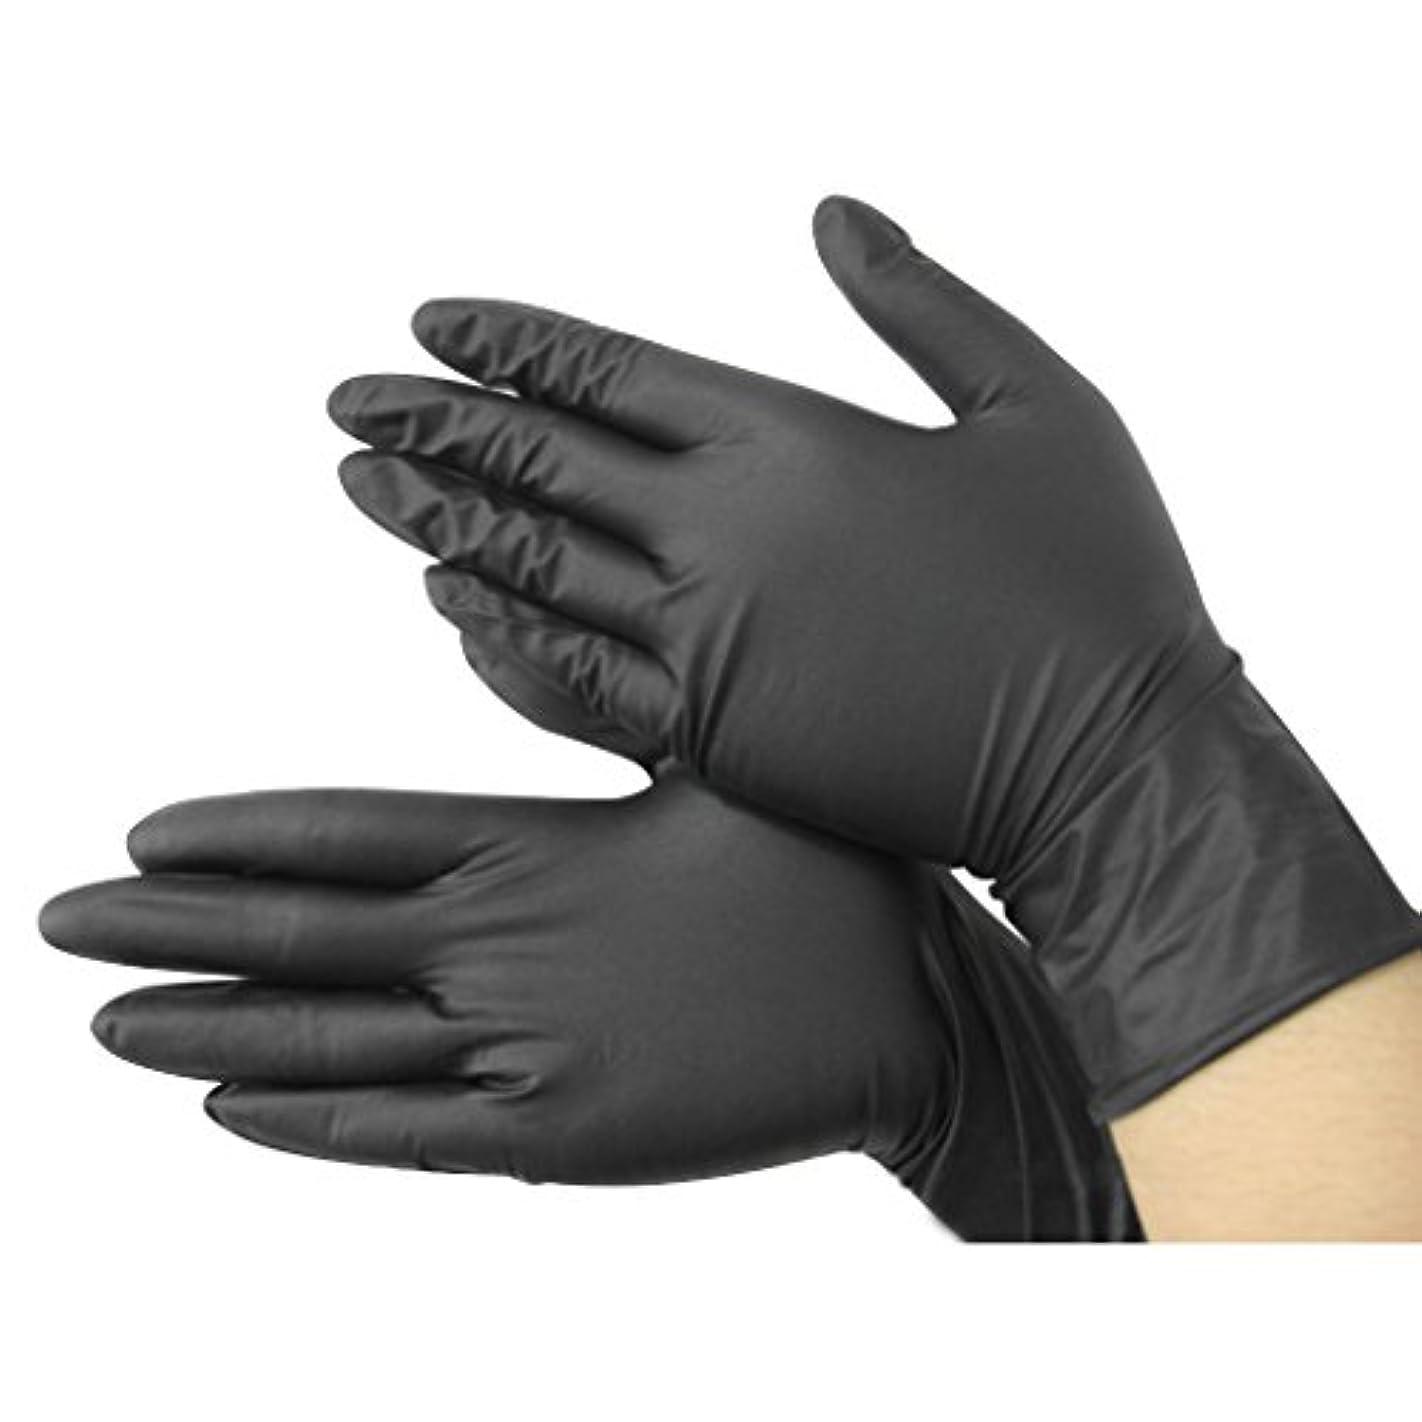 価値敬な興味CUHAWUDBA 黒いニトリル使い捨てクール手袋 パワーフリーX100 - 入れ墨 - メカニック 新しい